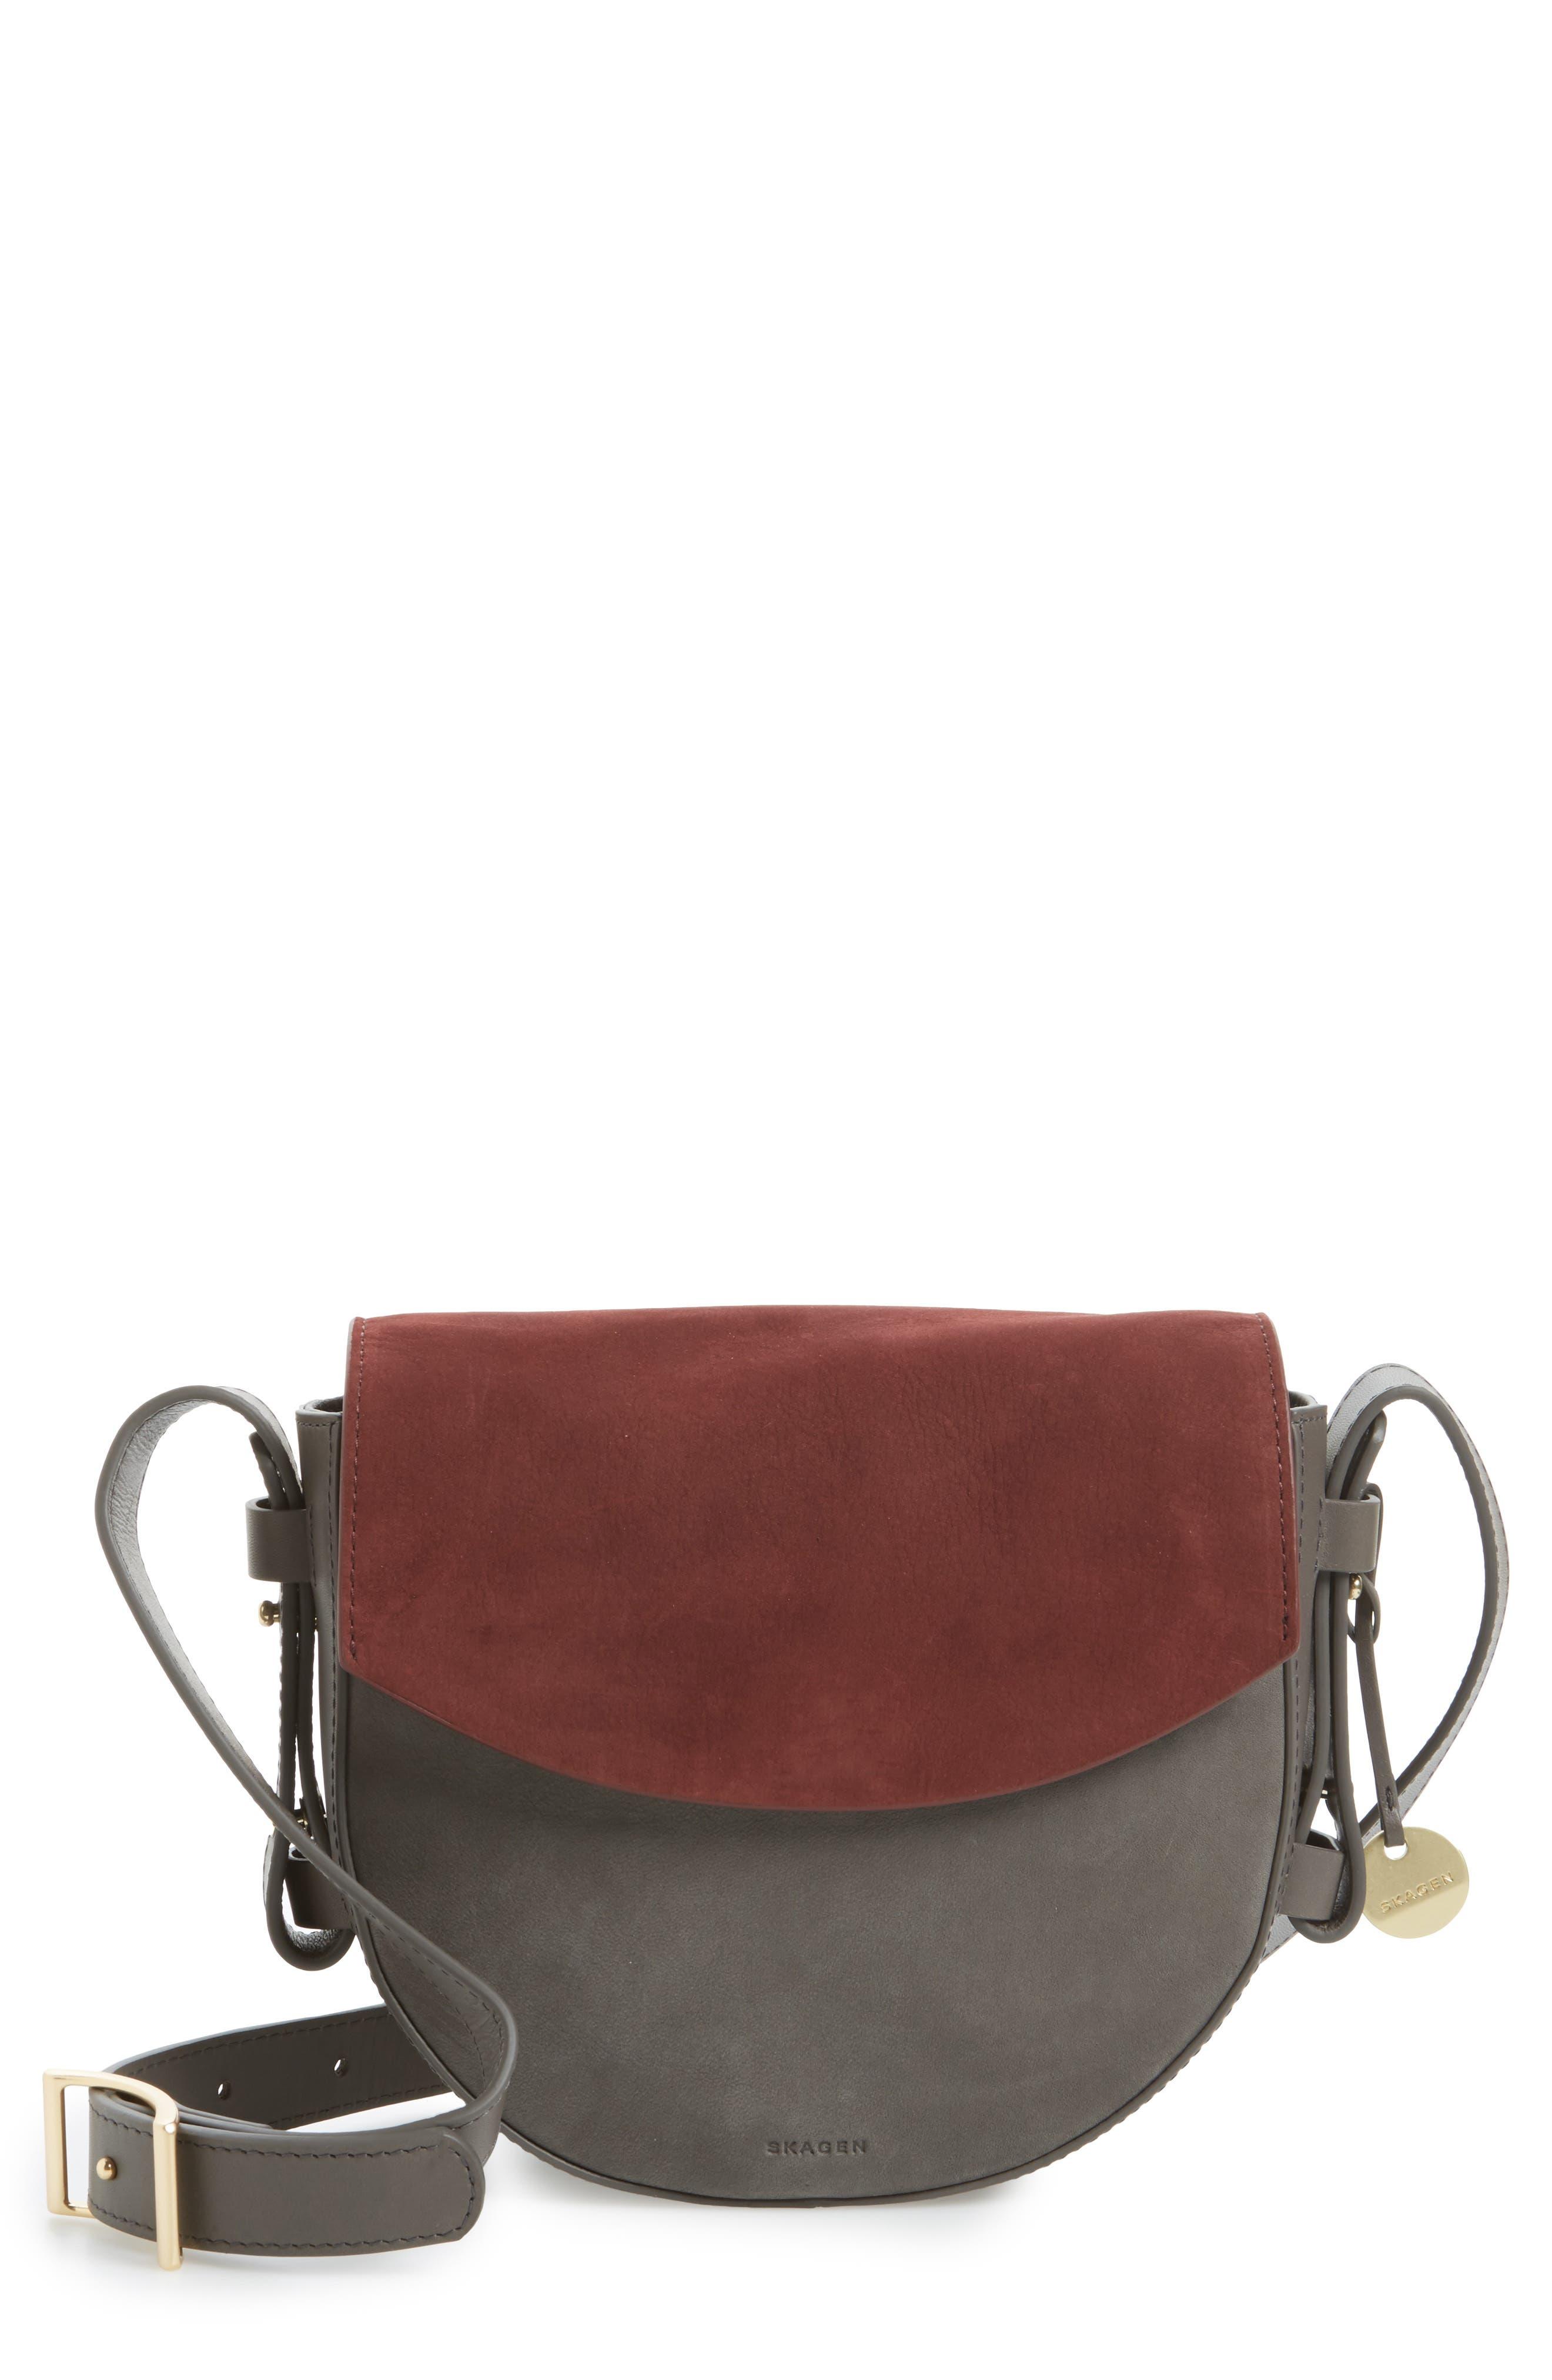 SKAGEN Lobelle Leather Saddle Bag